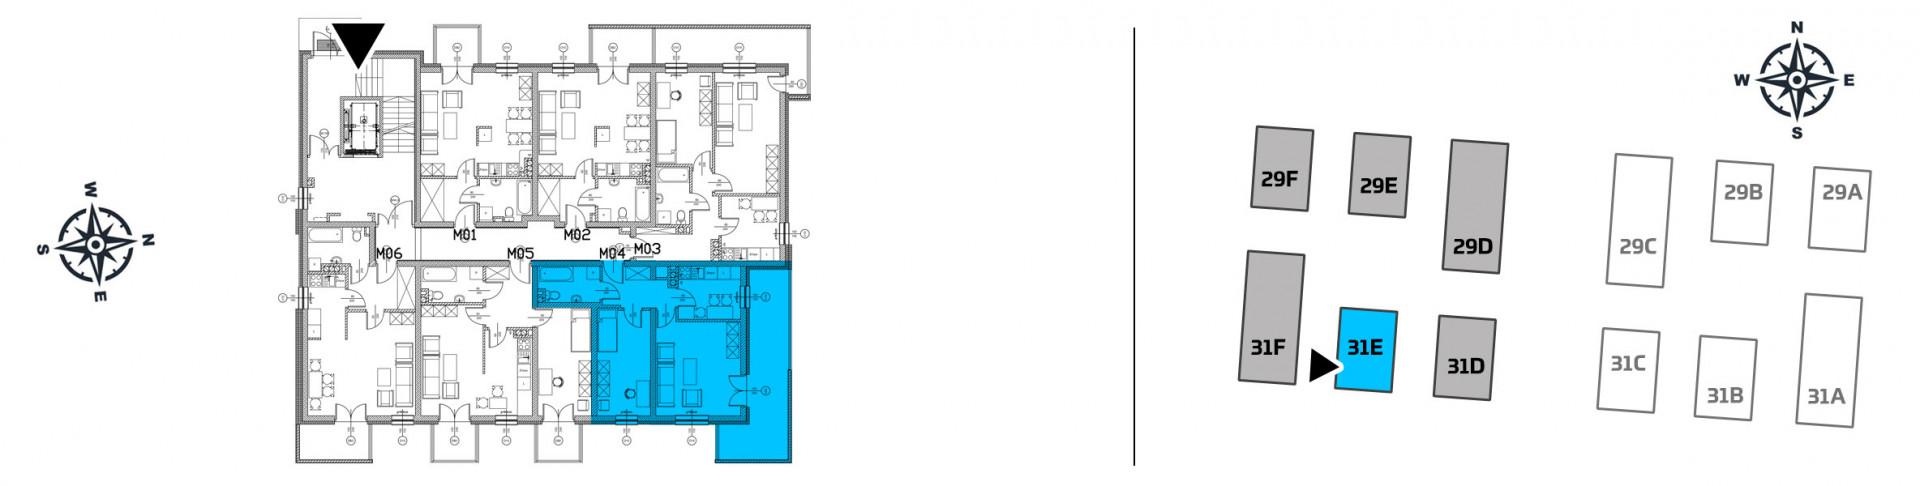 Mieszkanie dwupokojowe 31E/4 rzut 2